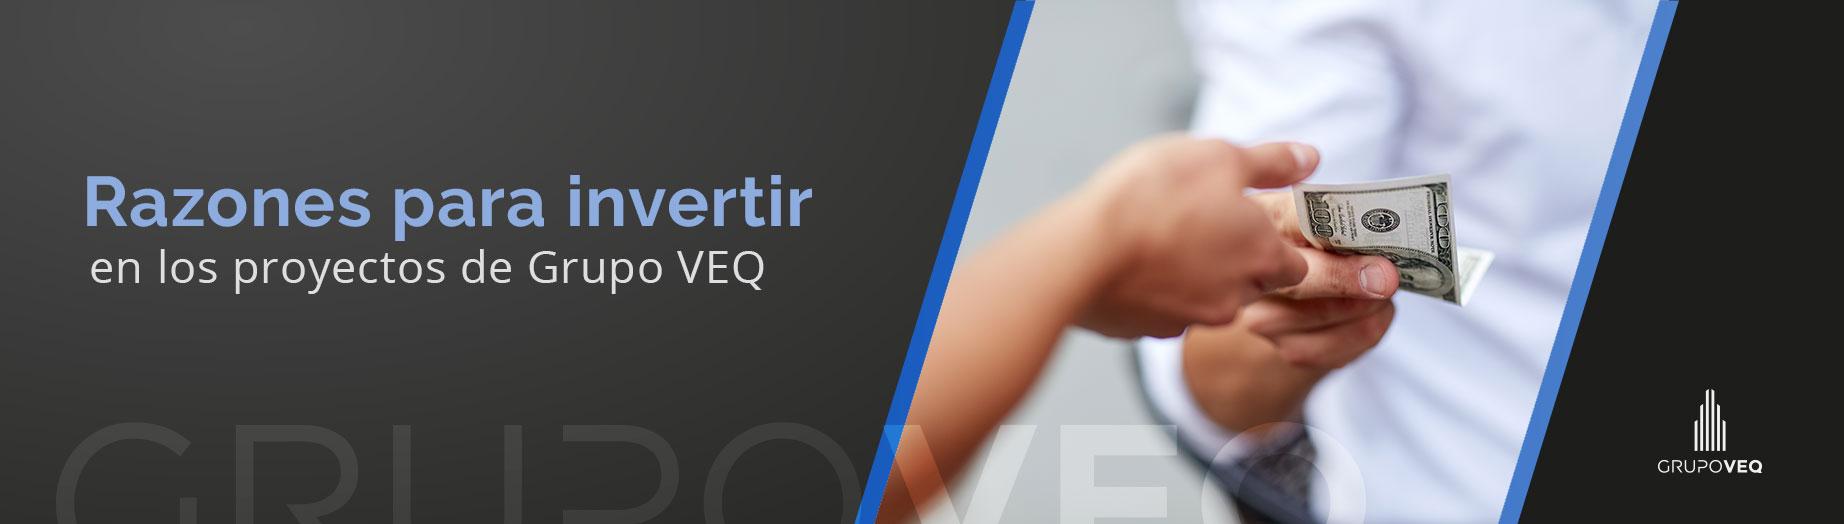 Invertir-en-los-proyectos-de-Grupo-VEQ-banner